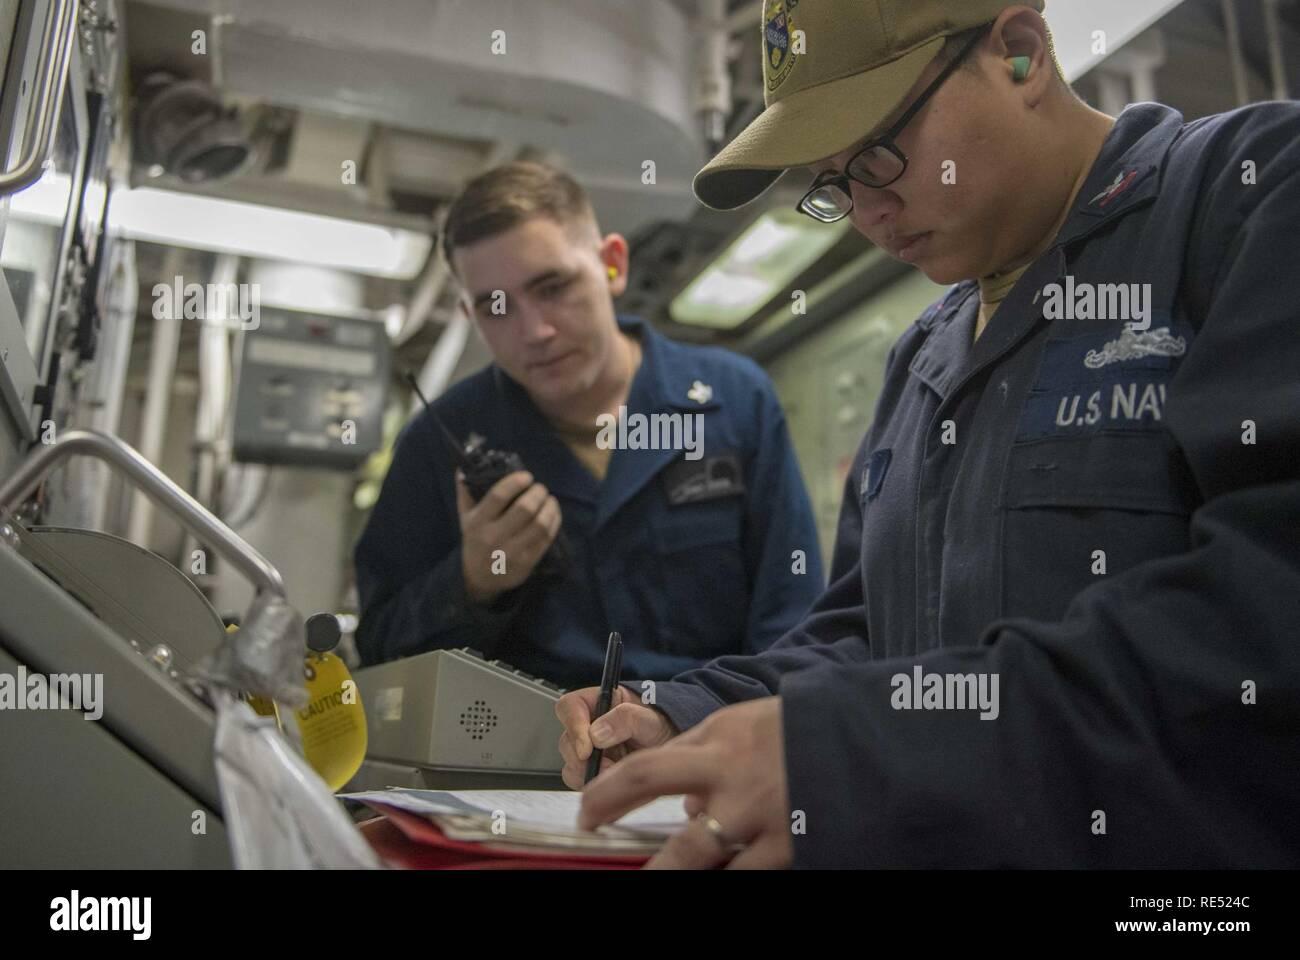 El Mar de China oriental (Ene. 1, 2018), Técnico de sistemas de Turbina de Gas (Eléctrico) 1ª clase Vidamo Cleo, en Lisle, Illinois, Derecho y Técnico de sistemas de Turbina de Gas (mecánica) de 3ª clase Cristóbal Garza, de Arlington, Texas, compruebe una turbina de gas a los parámetros del sistema a bordo de la clase Arleigh Burke de misiles guiados destructor USS McCampbell (DDG 85). Es McCampbell desplegadas a la séptima Flota de EE.UU. zona de operaciones en apoyo de la seguridad y la estabilidad en la región del Indo-Pacífico. Foto de stock